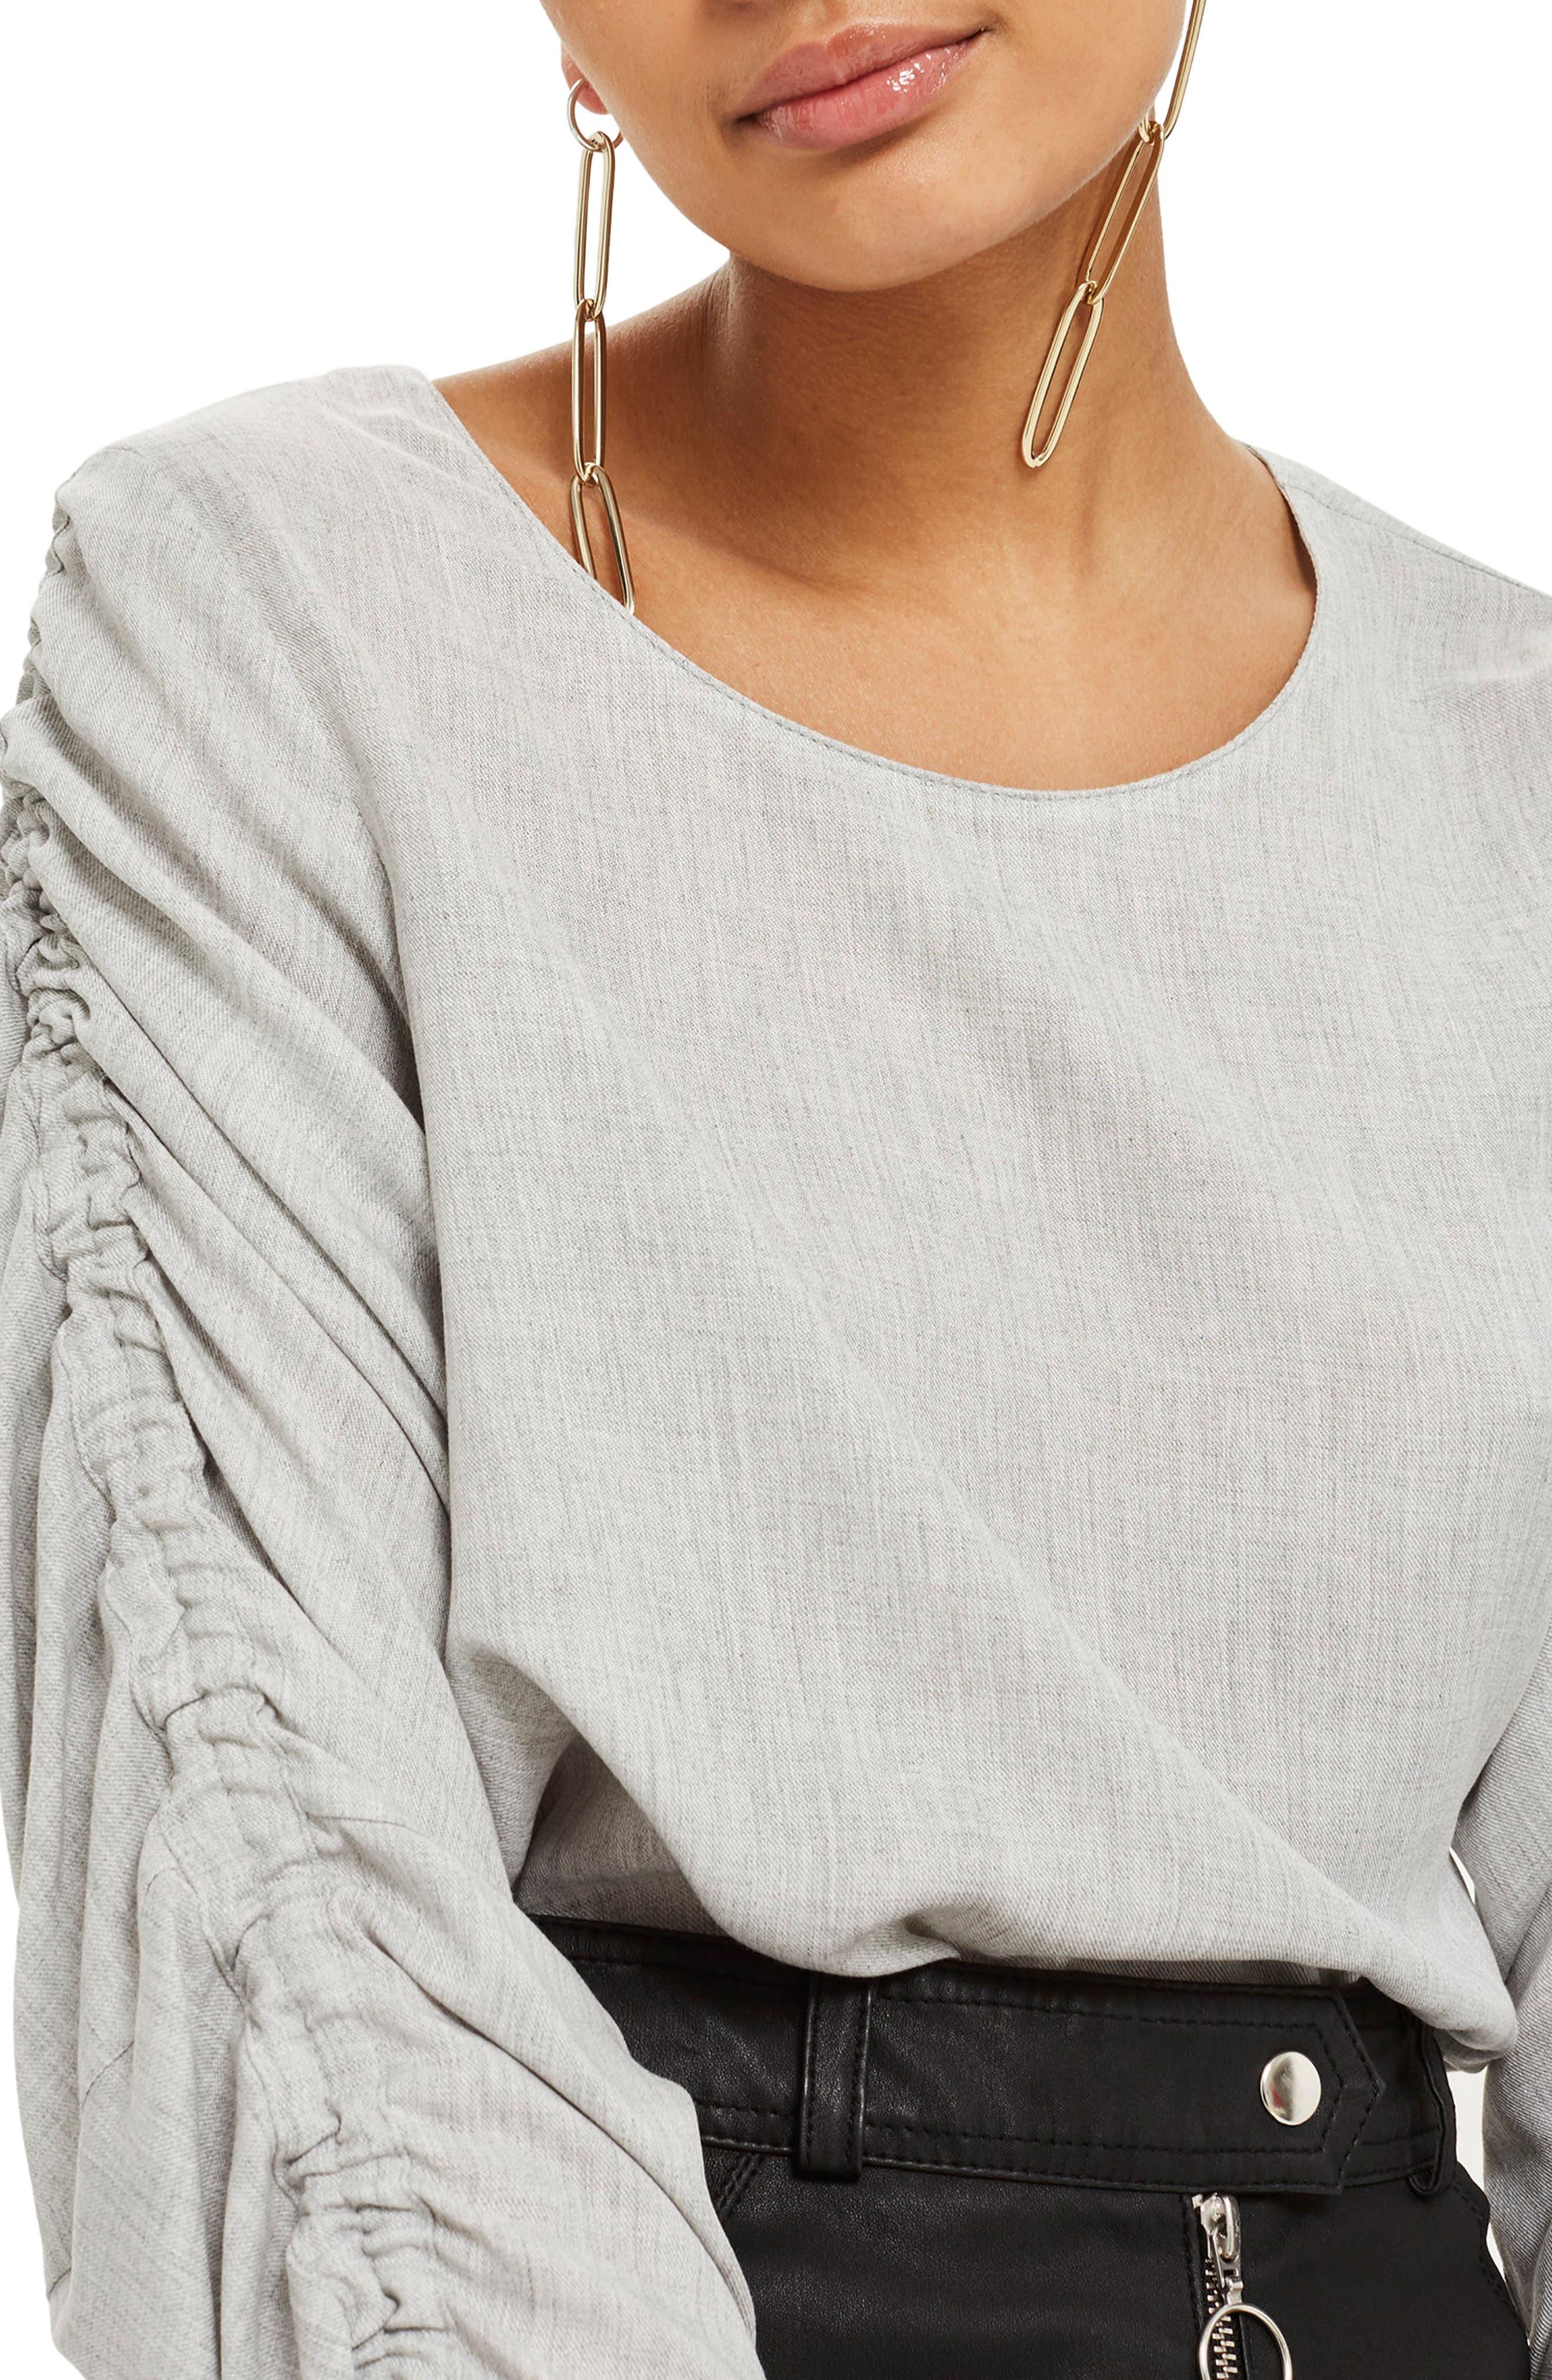 Ruched Sleeve Shirt,                             Main thumbnail 1, color,                             020